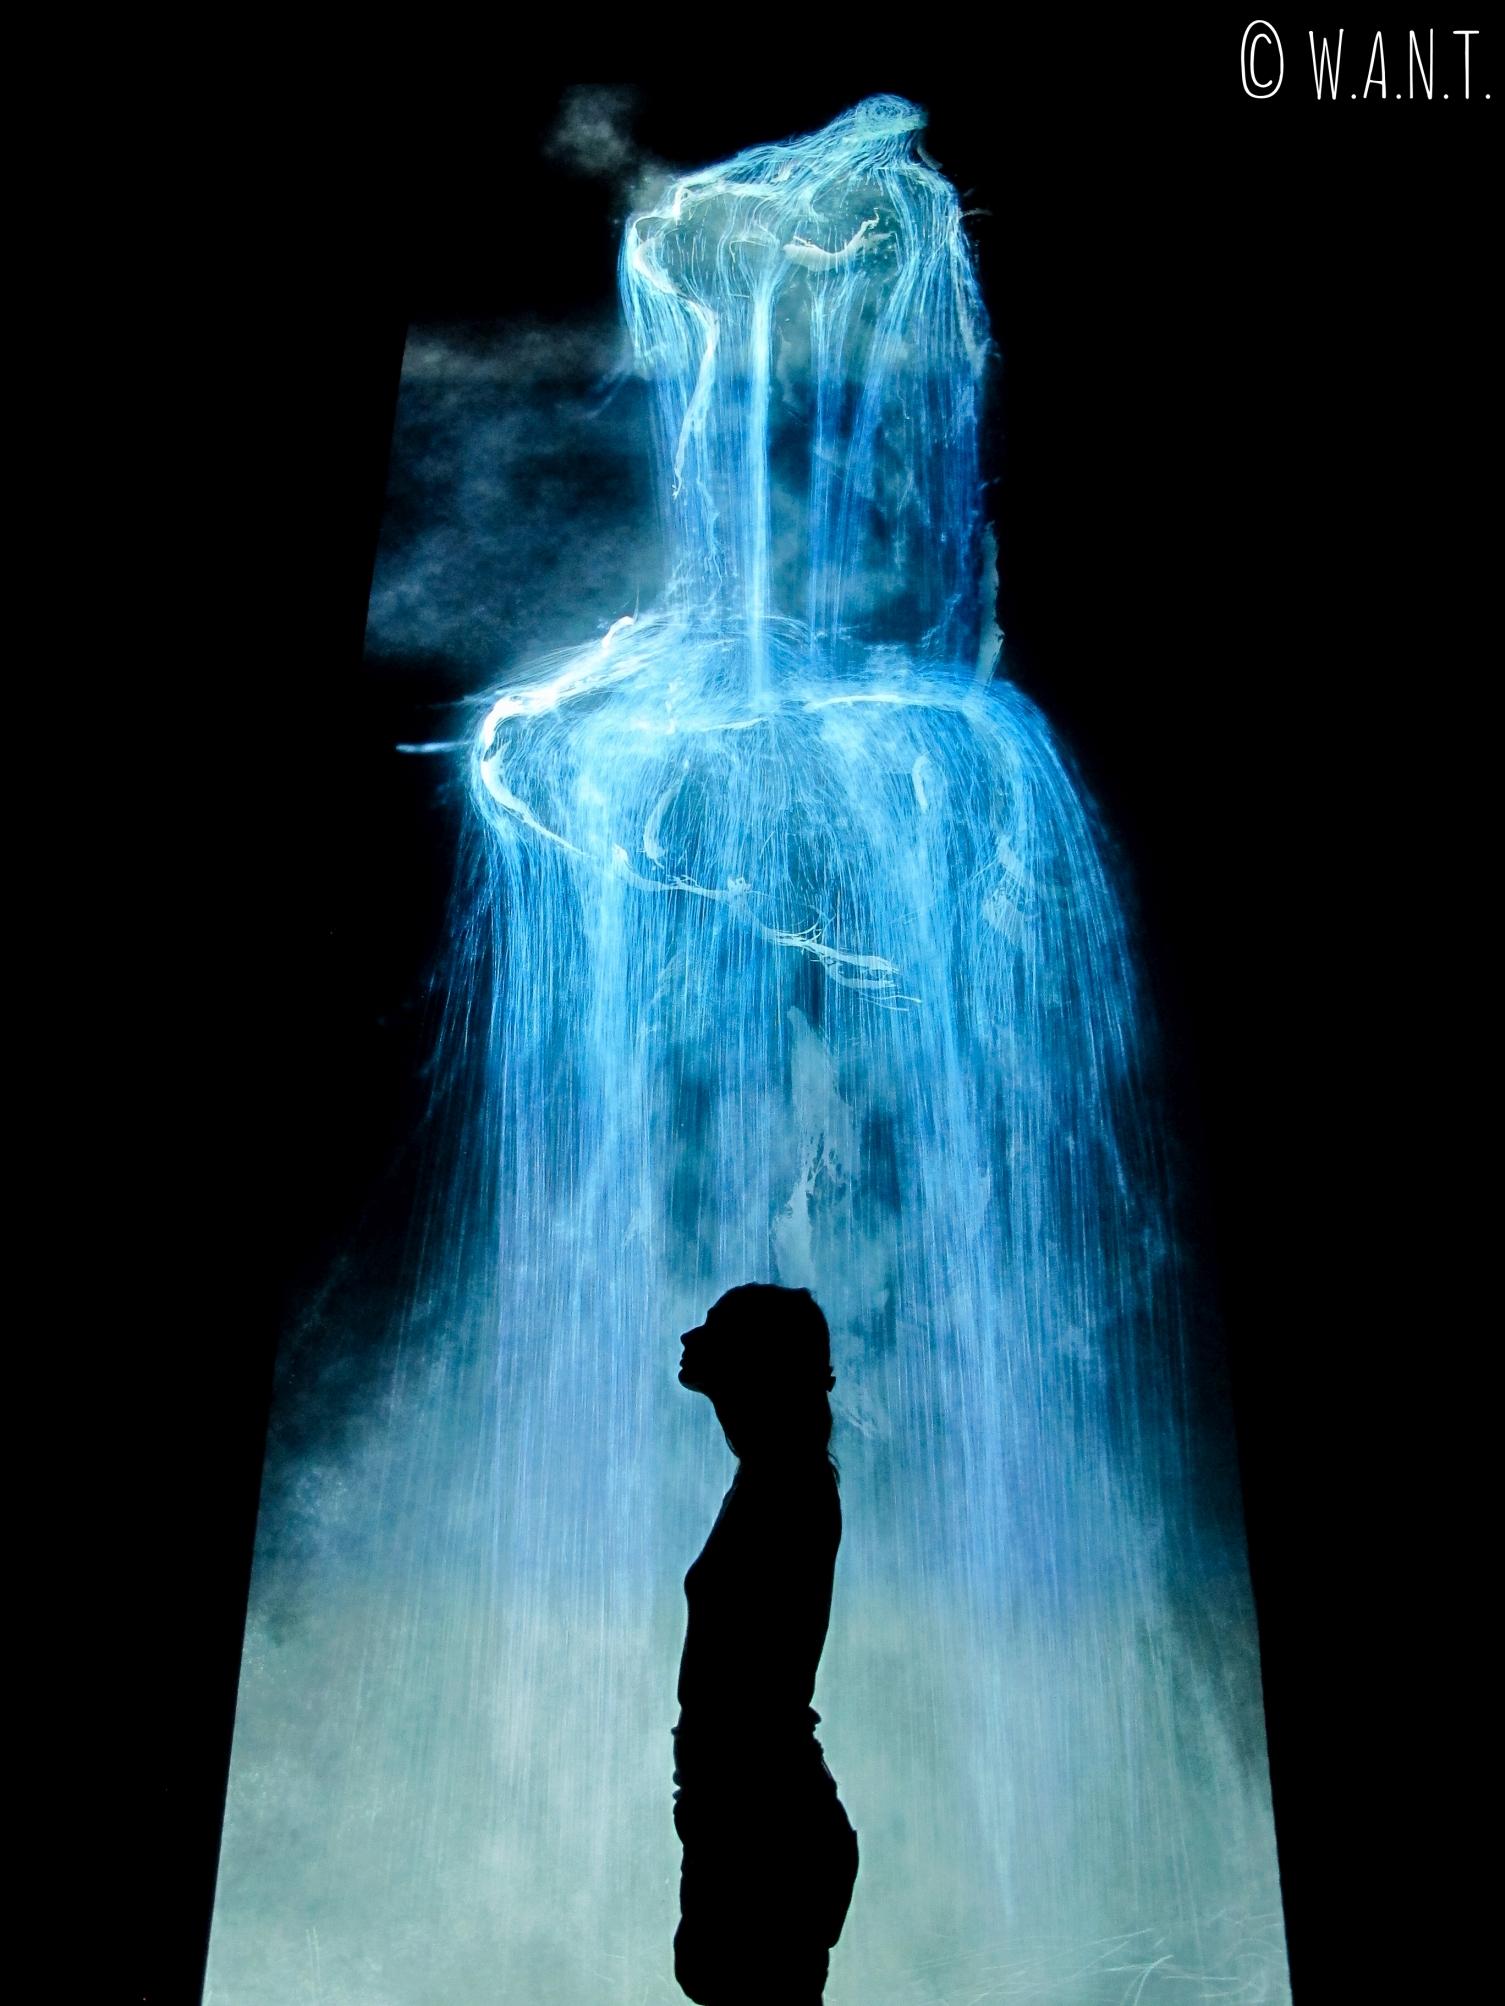 Marion devant l'oeuvre Universe of Water Particles présentée à l'exposition Future World de l'ArtScience Museum